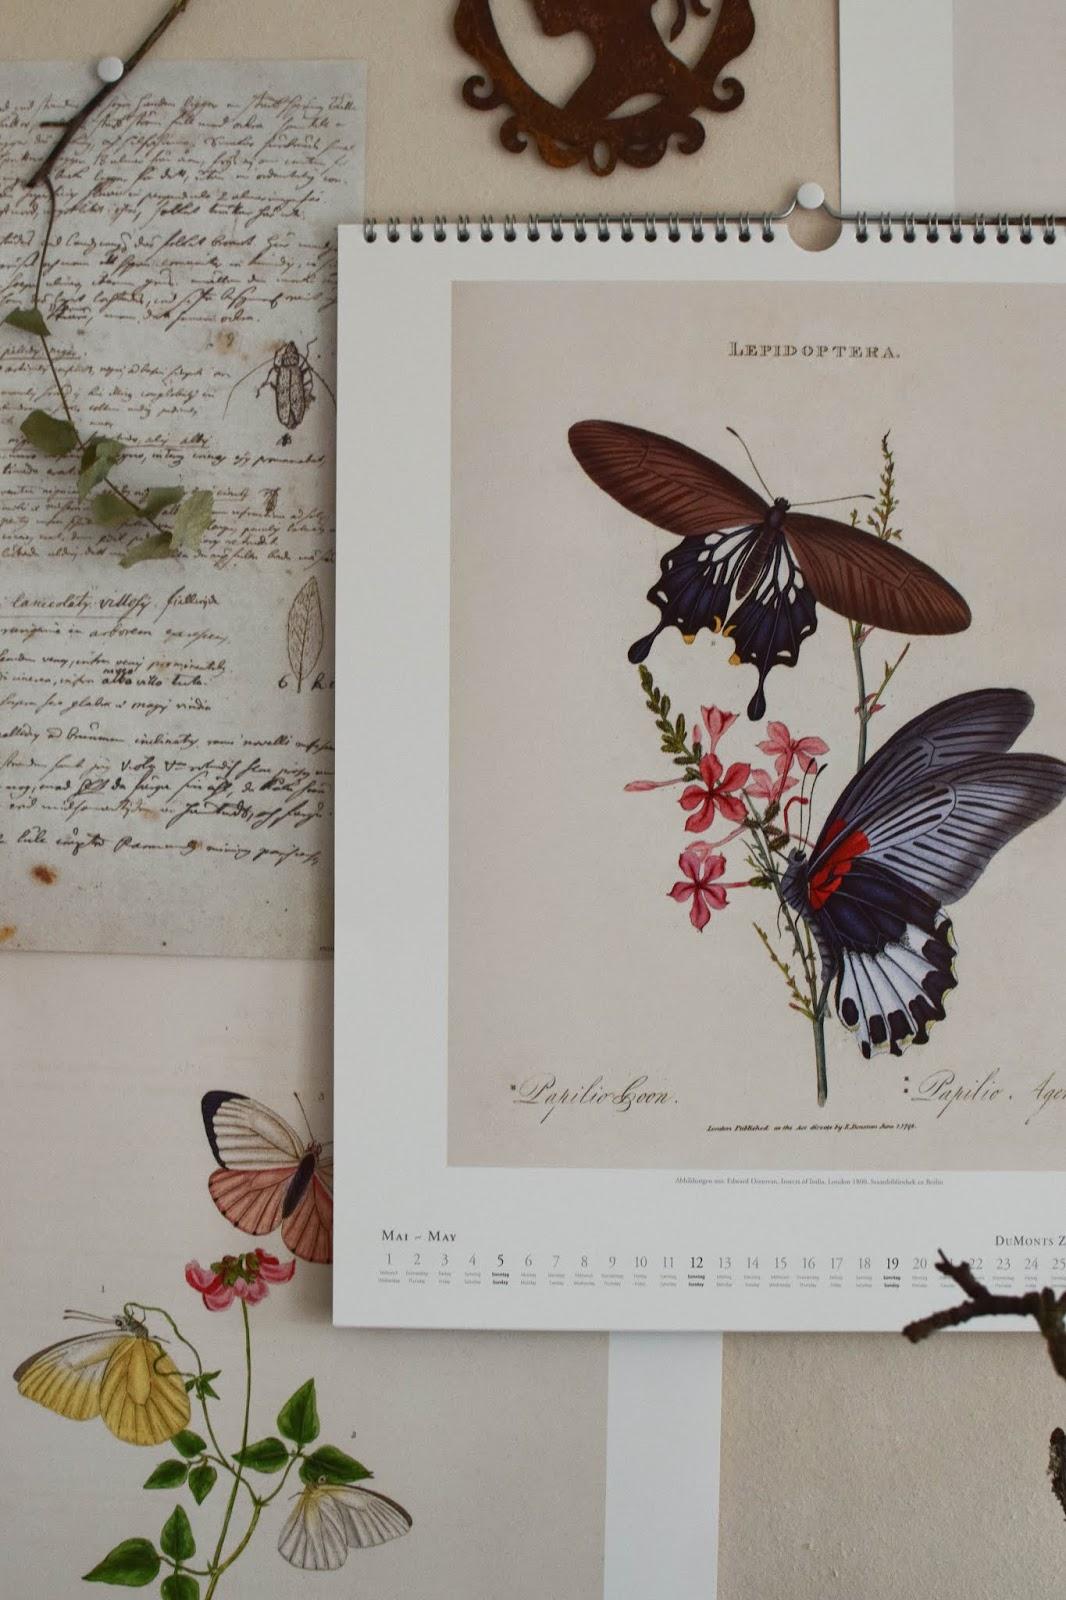 Kalender 2019 mit botanischen Zeichnungen Drucke Poster Deko Dekoidee Wanddeko von DUMONTs Zoologisches Kabinett